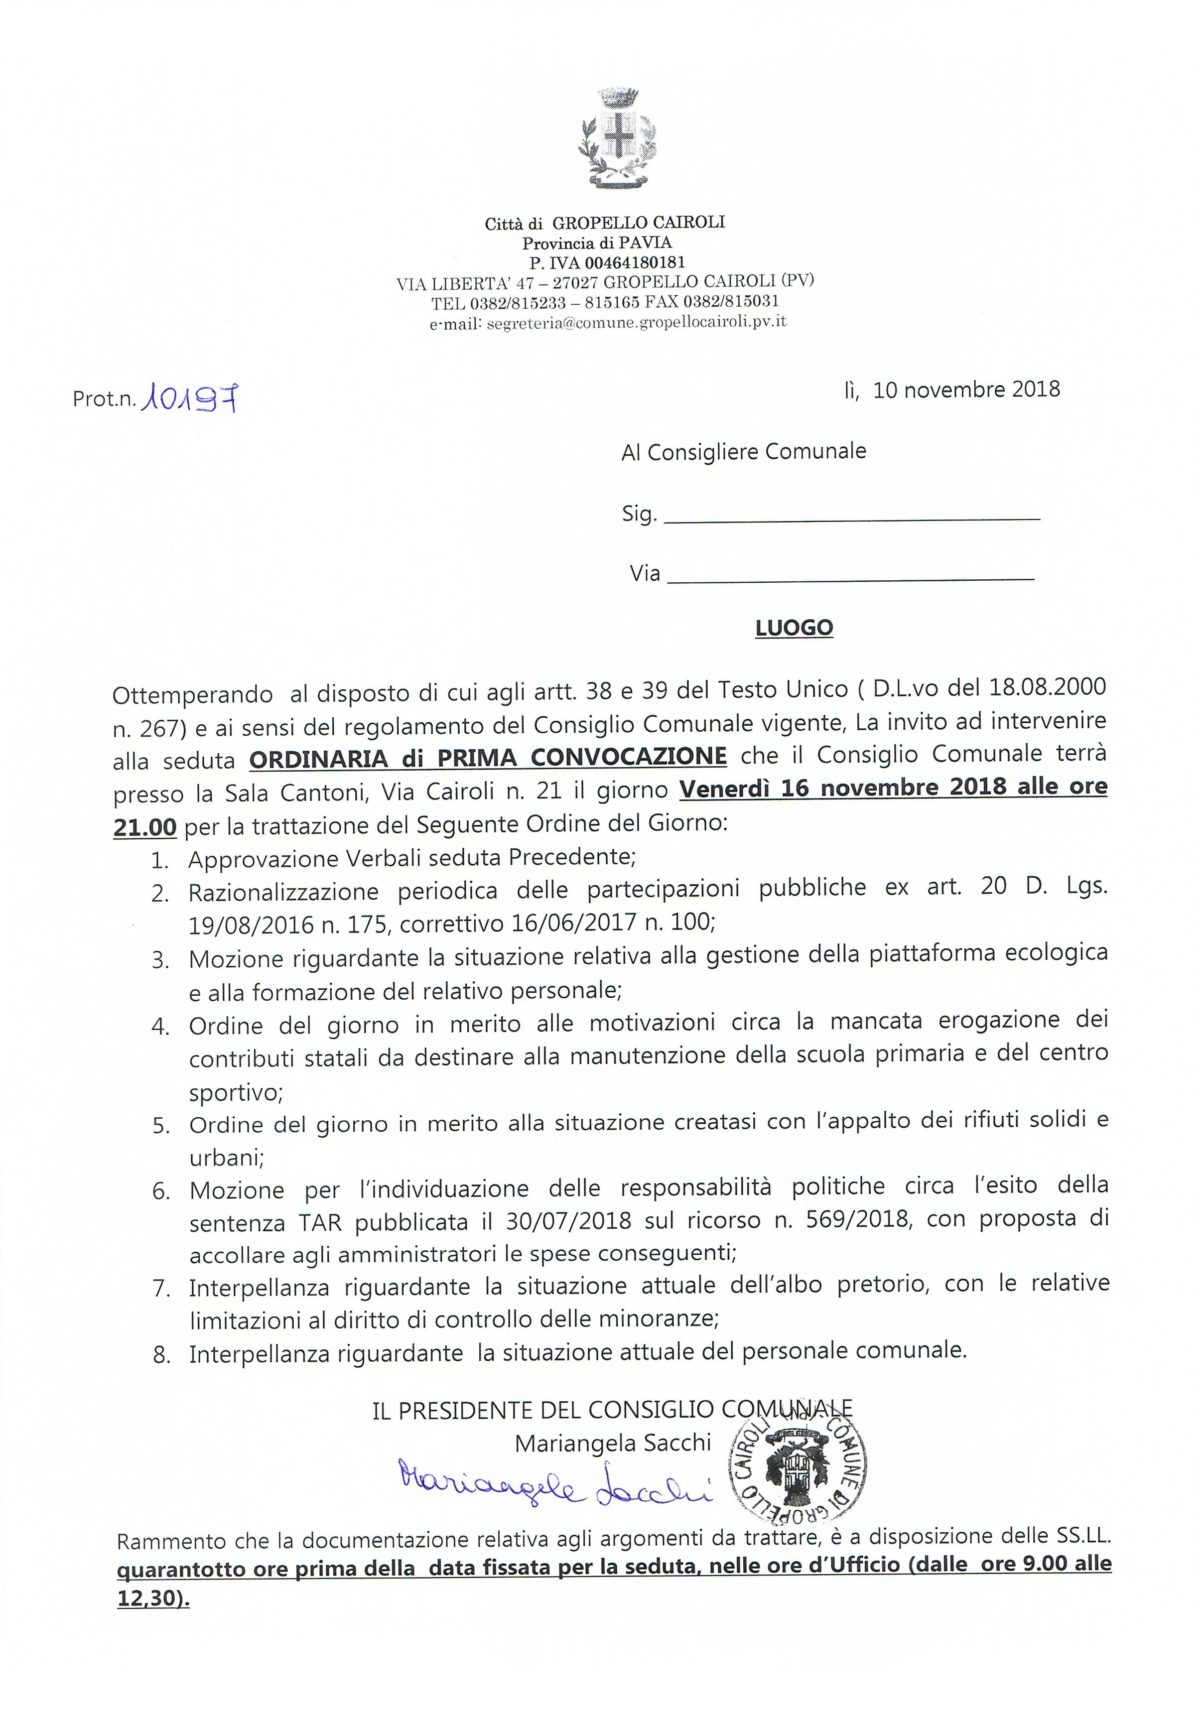 Ordine del giorno del Consiglio Comunale del 16 novembre 2018